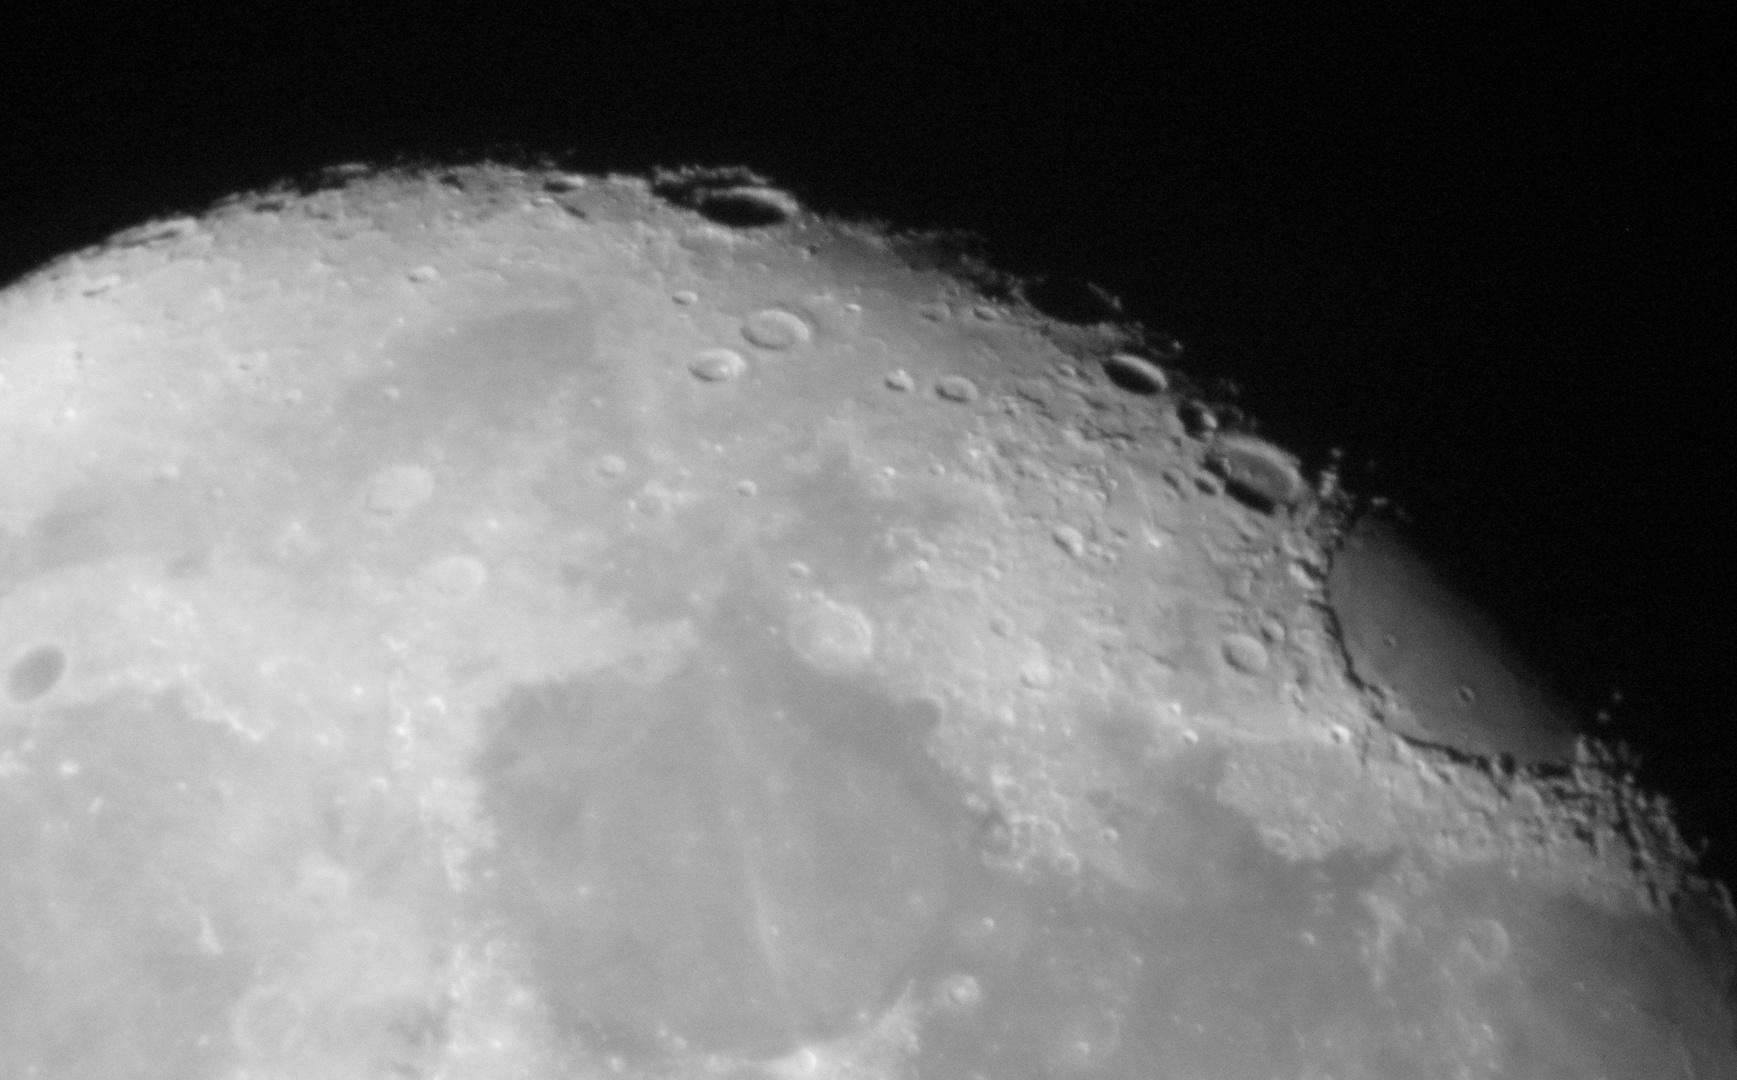 Mond mit Digicam durch Refraktor 102/500